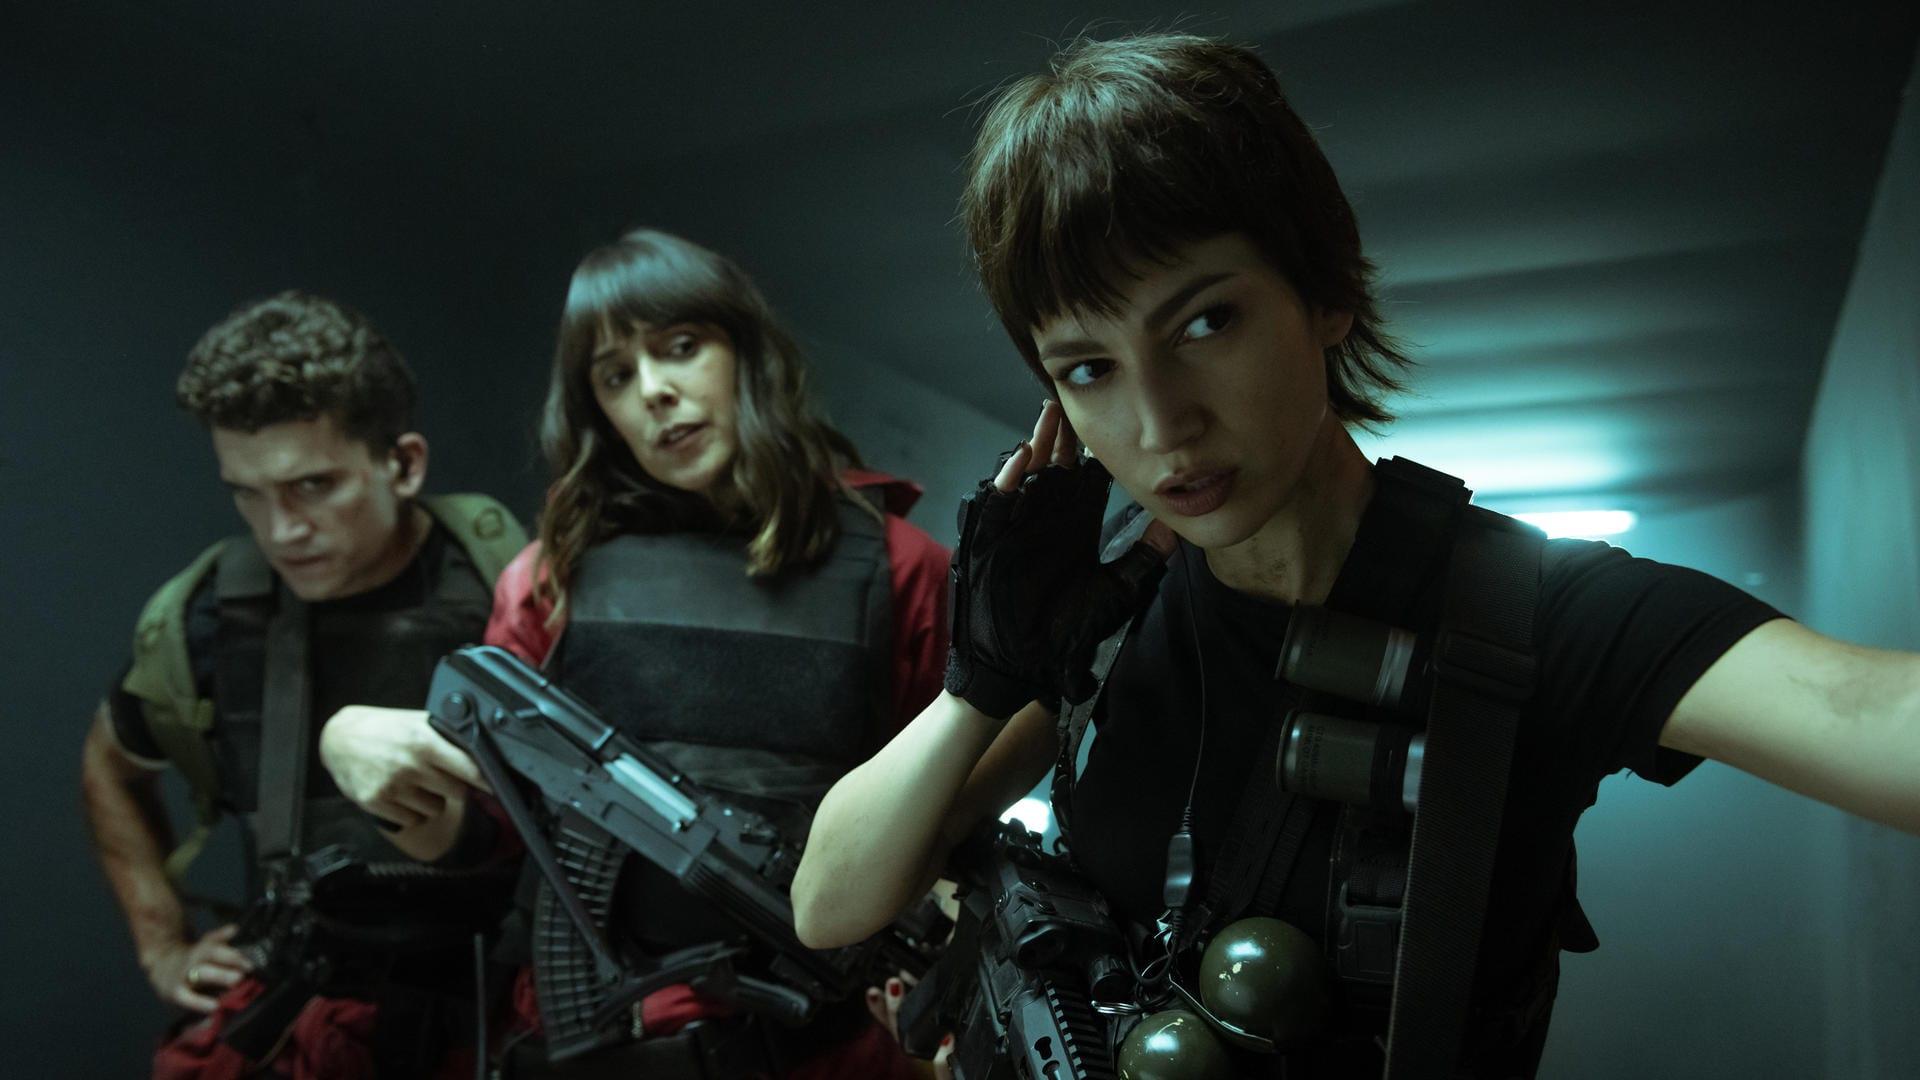 LA CASA DE PAPEL (Money Heist): First Look at Season 5